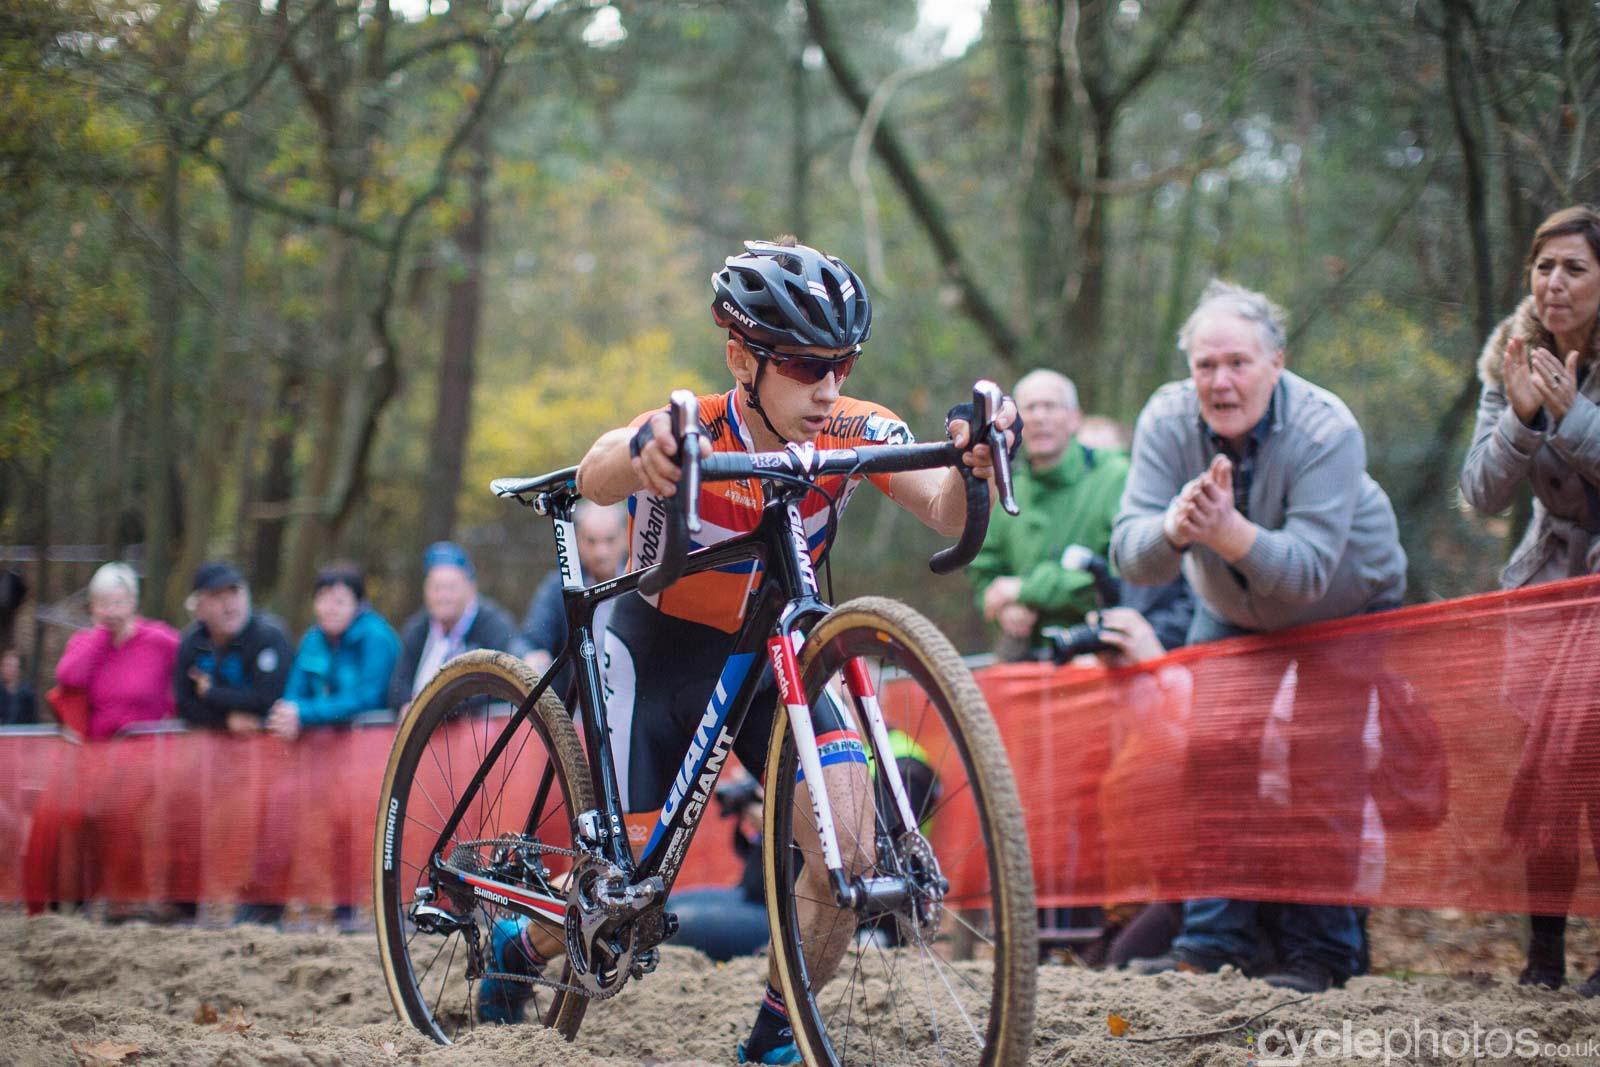 2015-cyclephotos-cyclocross-eucx-huijbergen-154747-lars-van-der-haar